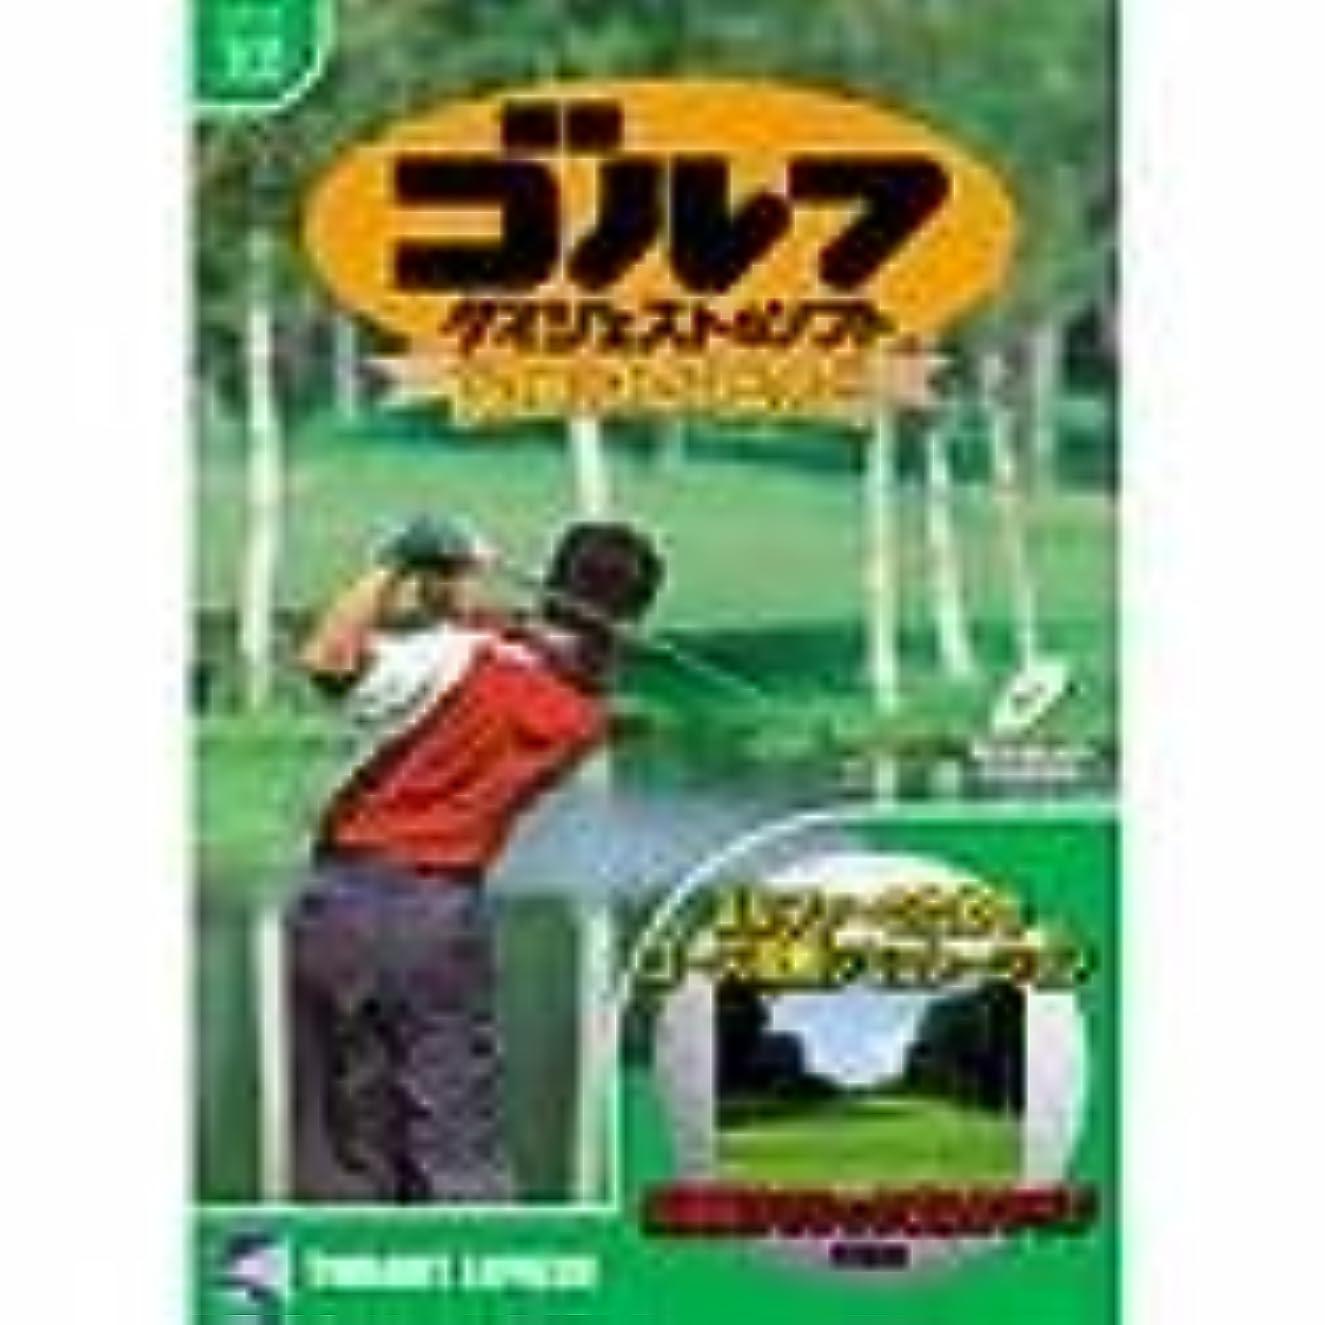 農夫共産主義者説明ゴルフダイジェスト ベストセレクション 北海道クラシックゴルフクラブ